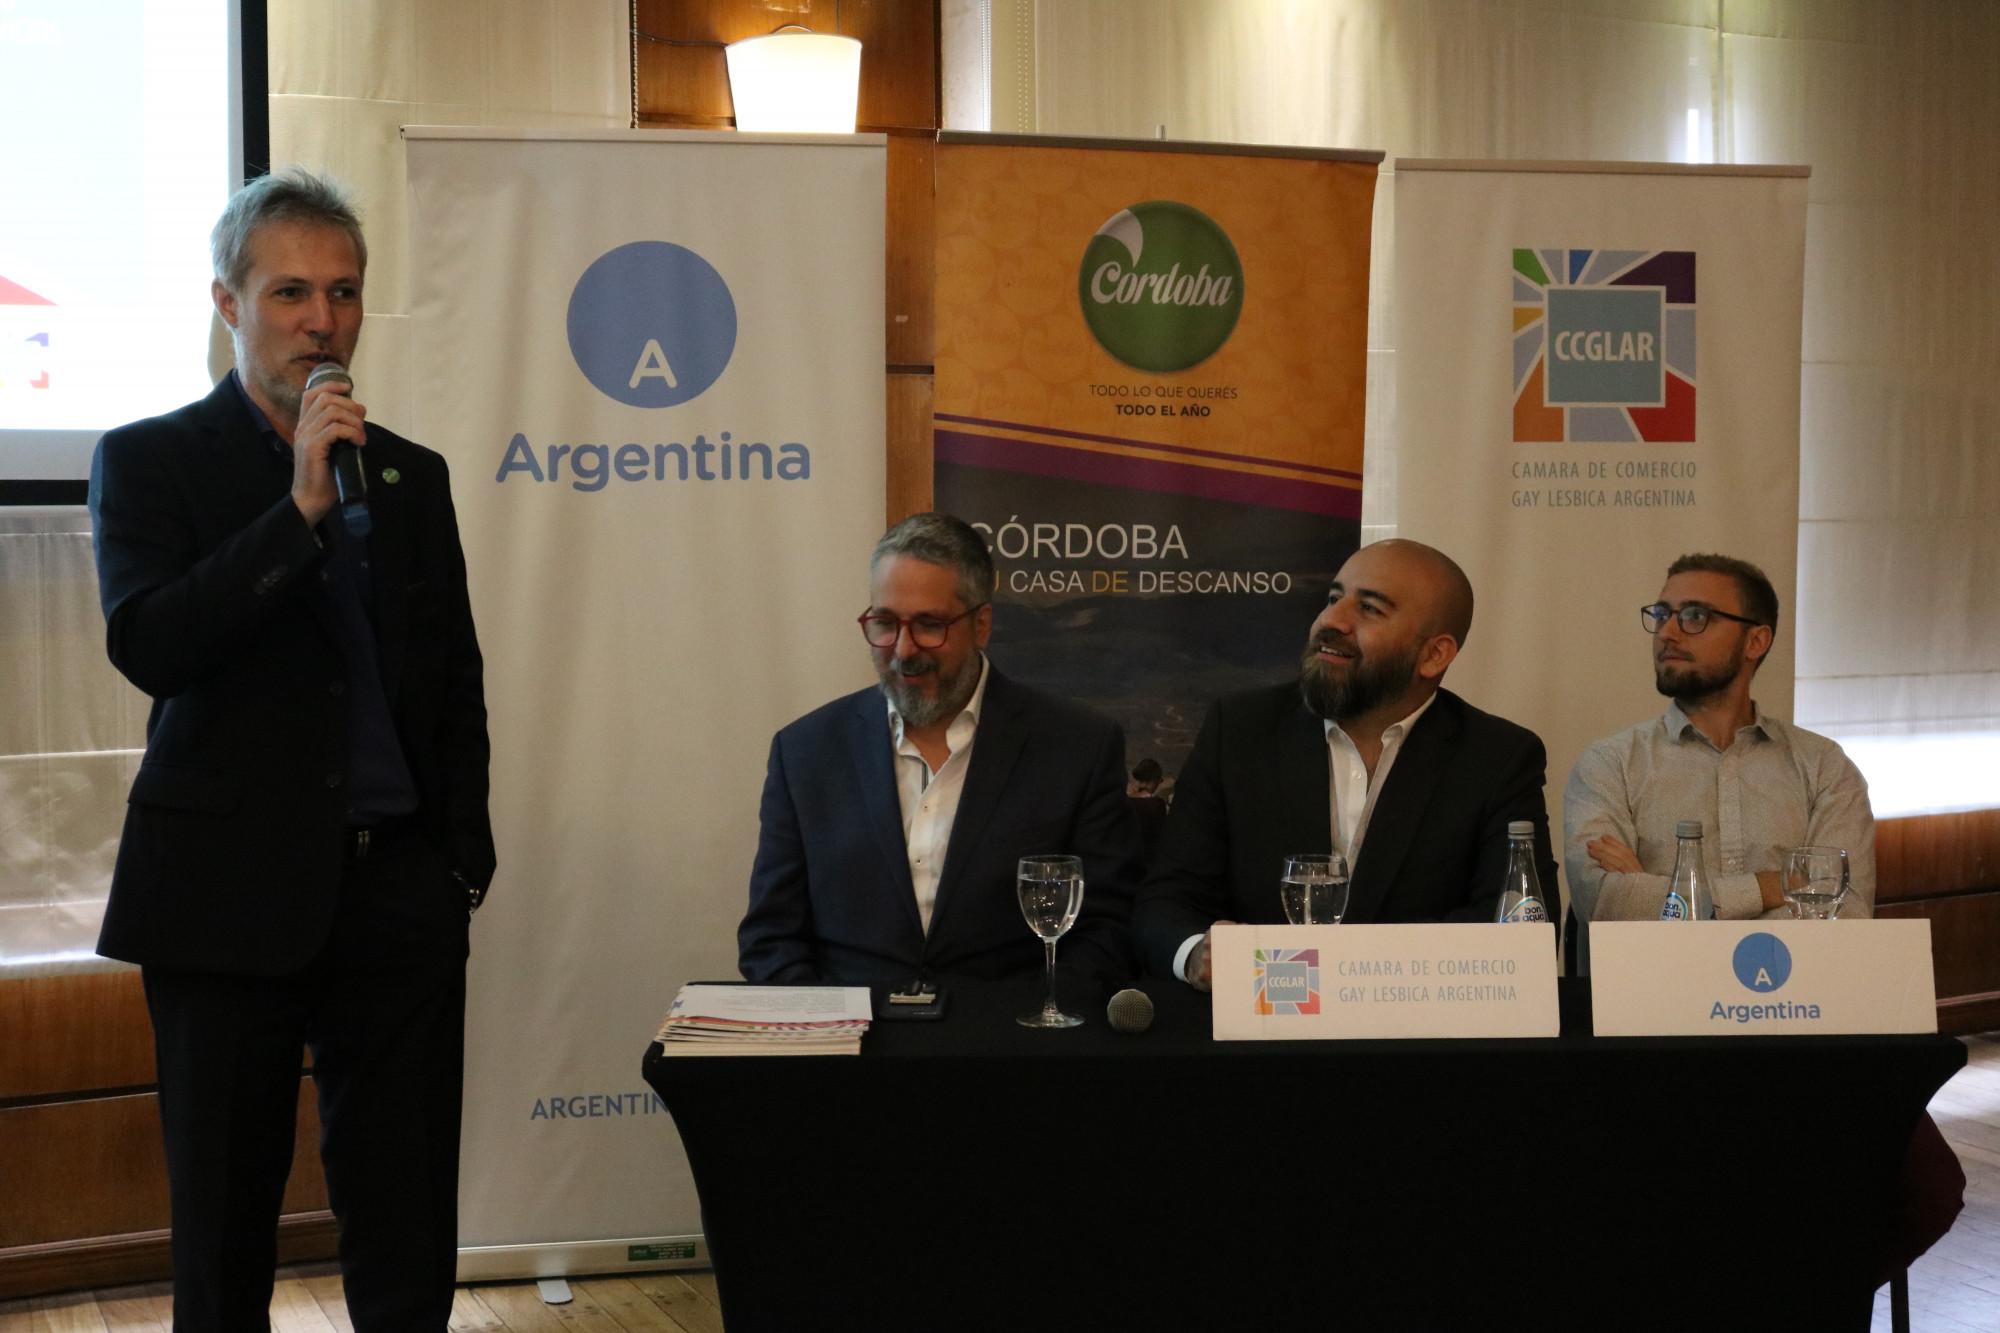 Córdoba ocupa el segundo lugar en preferencia turística por la comunidad LGBT